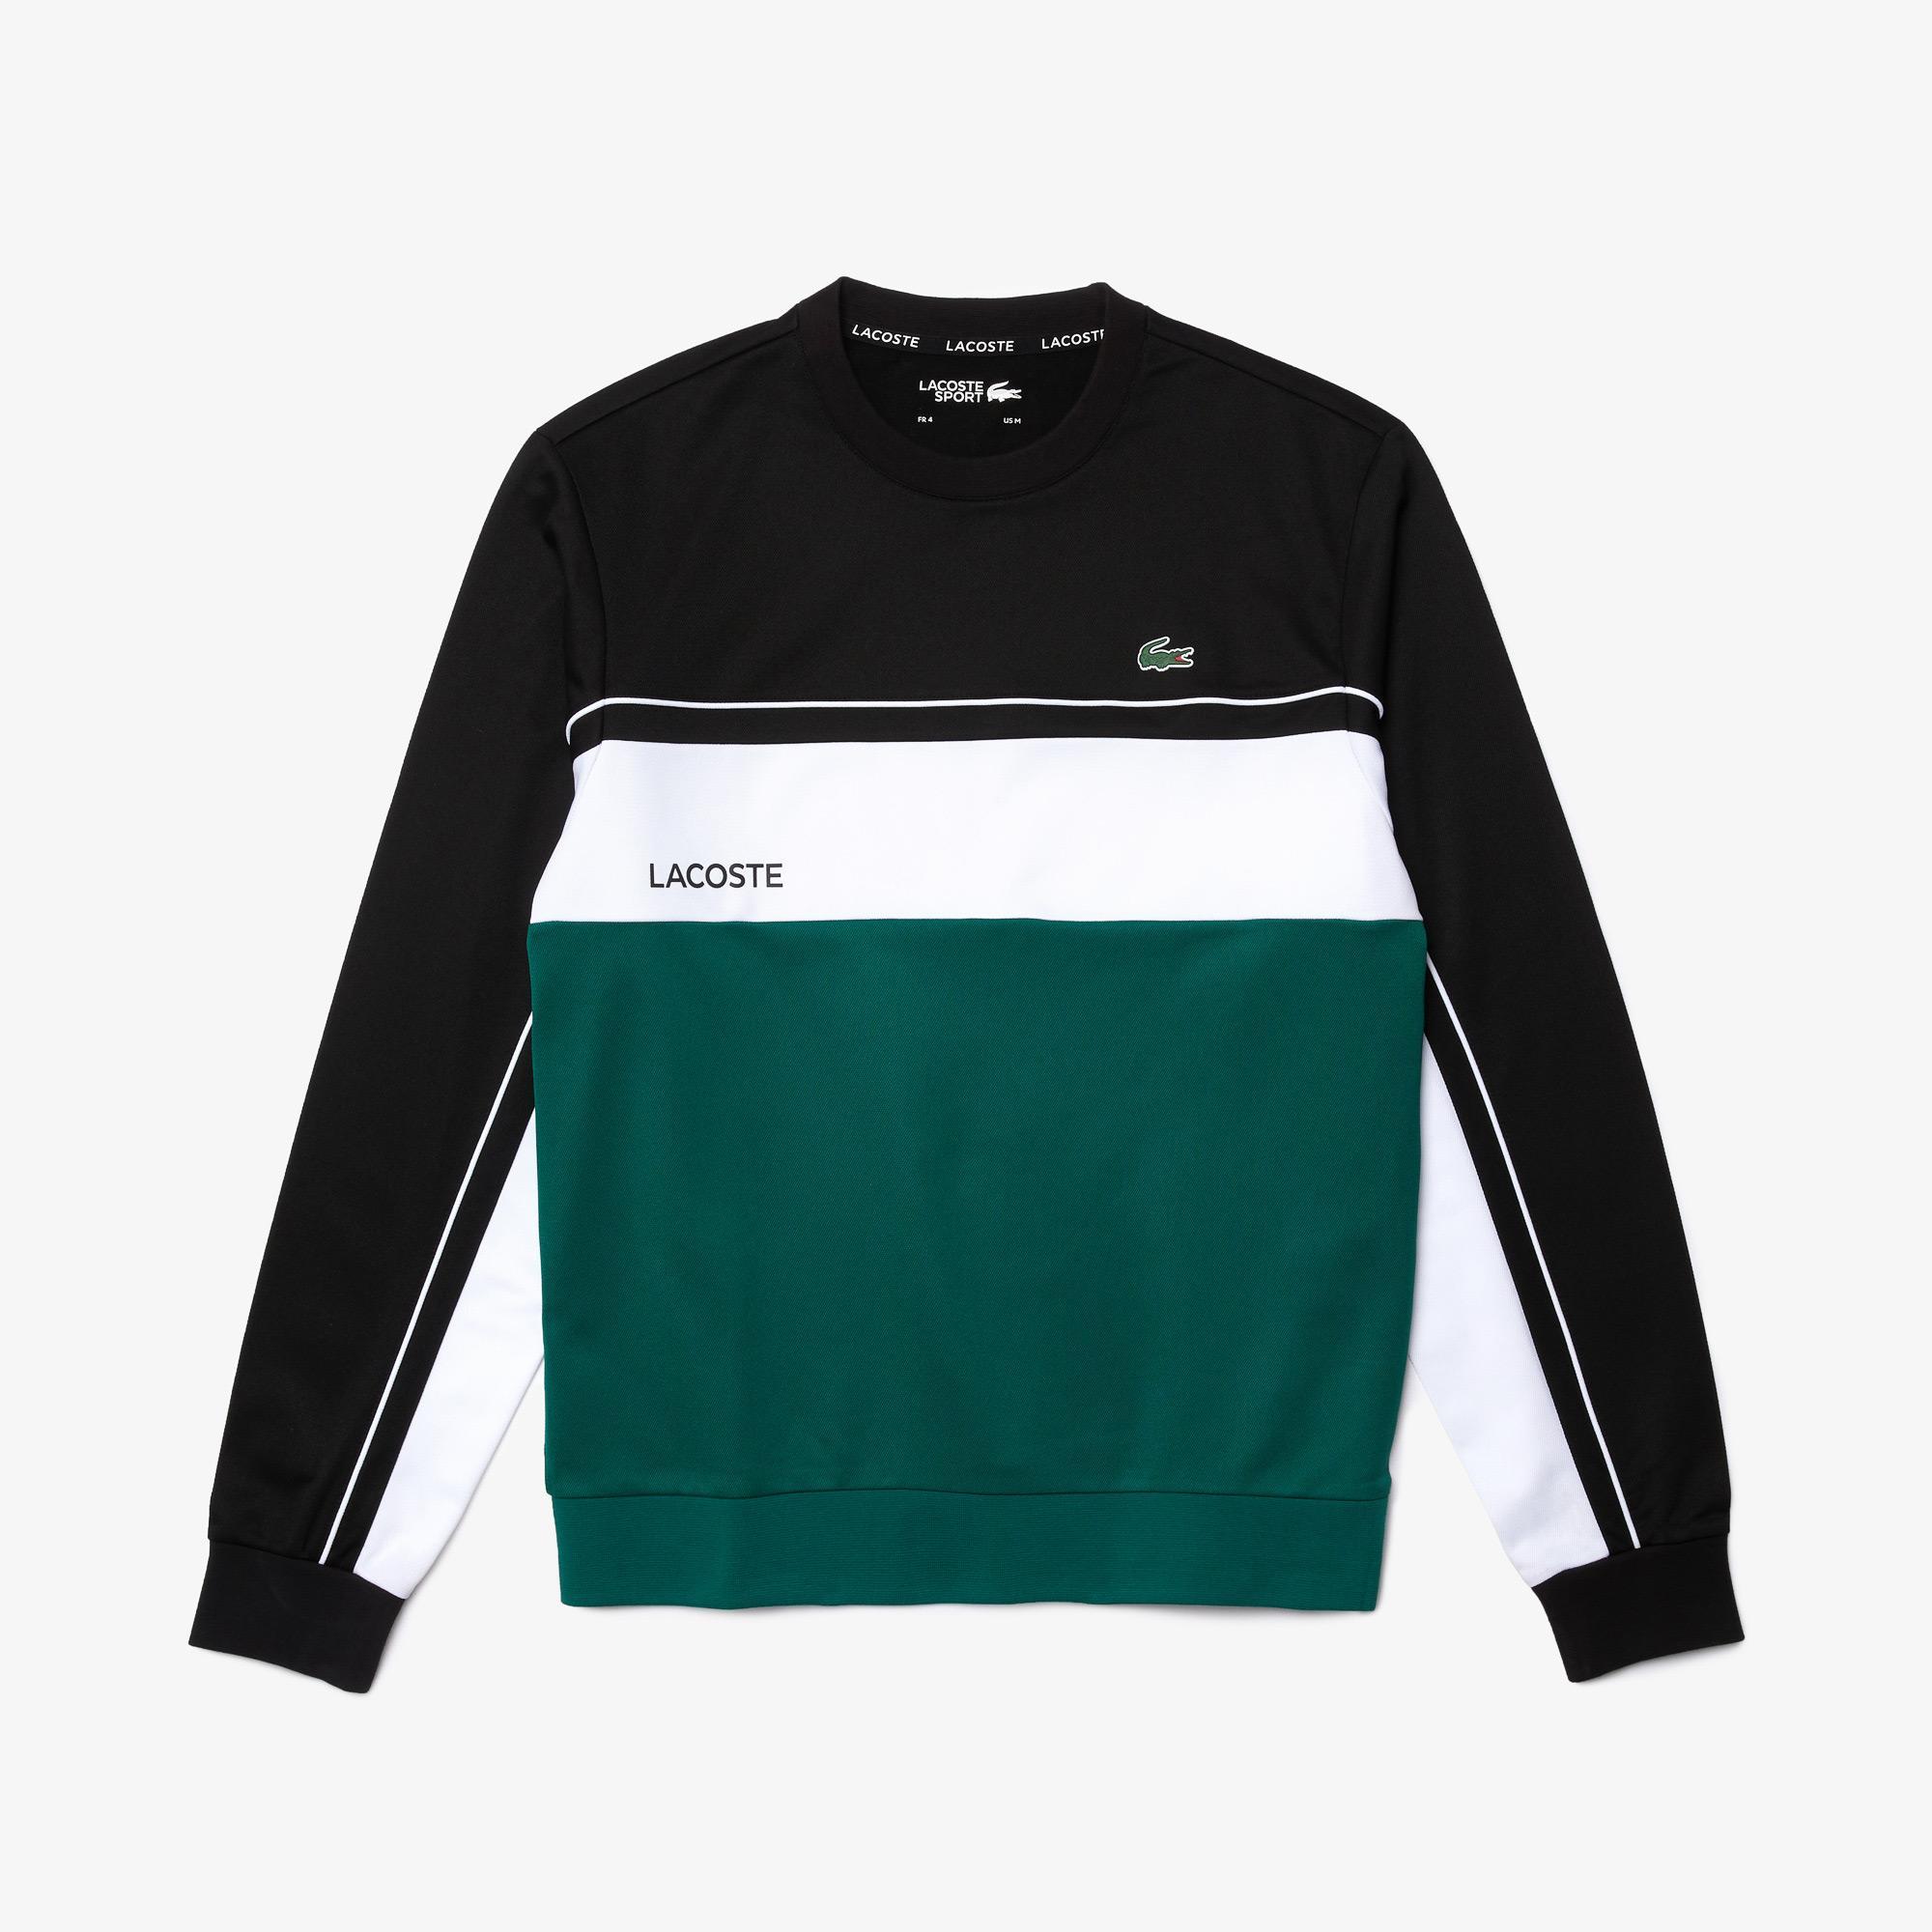 Lacoste Sport Erkek Bisiklet Yaka Baskılı Renk Bloklu Renkli Sweatshirt